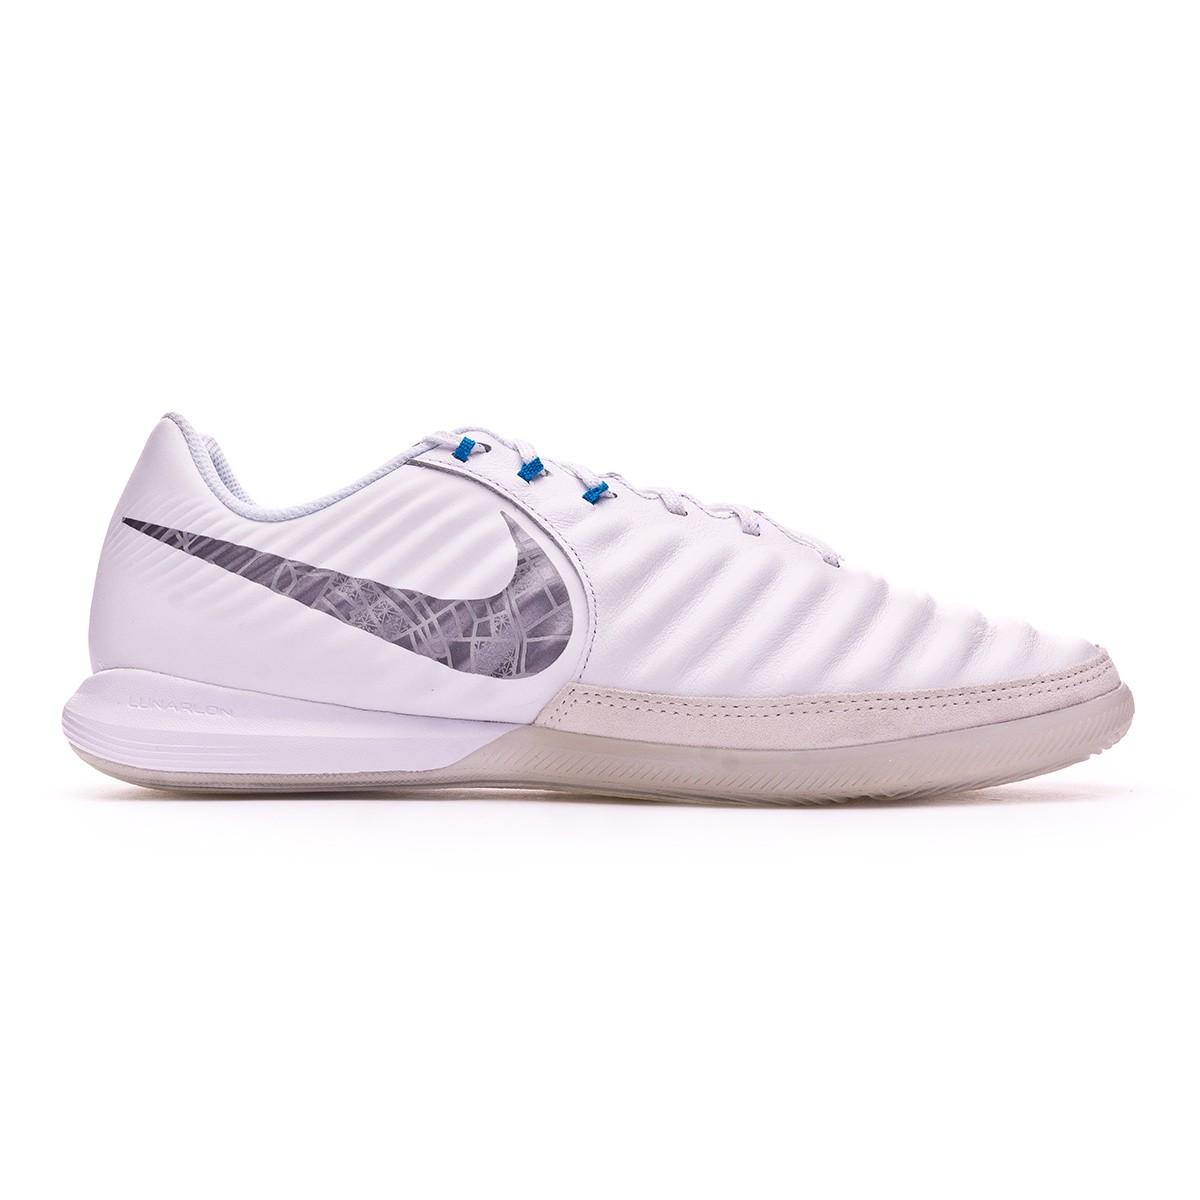 Zapatillas Nike Tiempo Futbol Blancas Zapatillas para